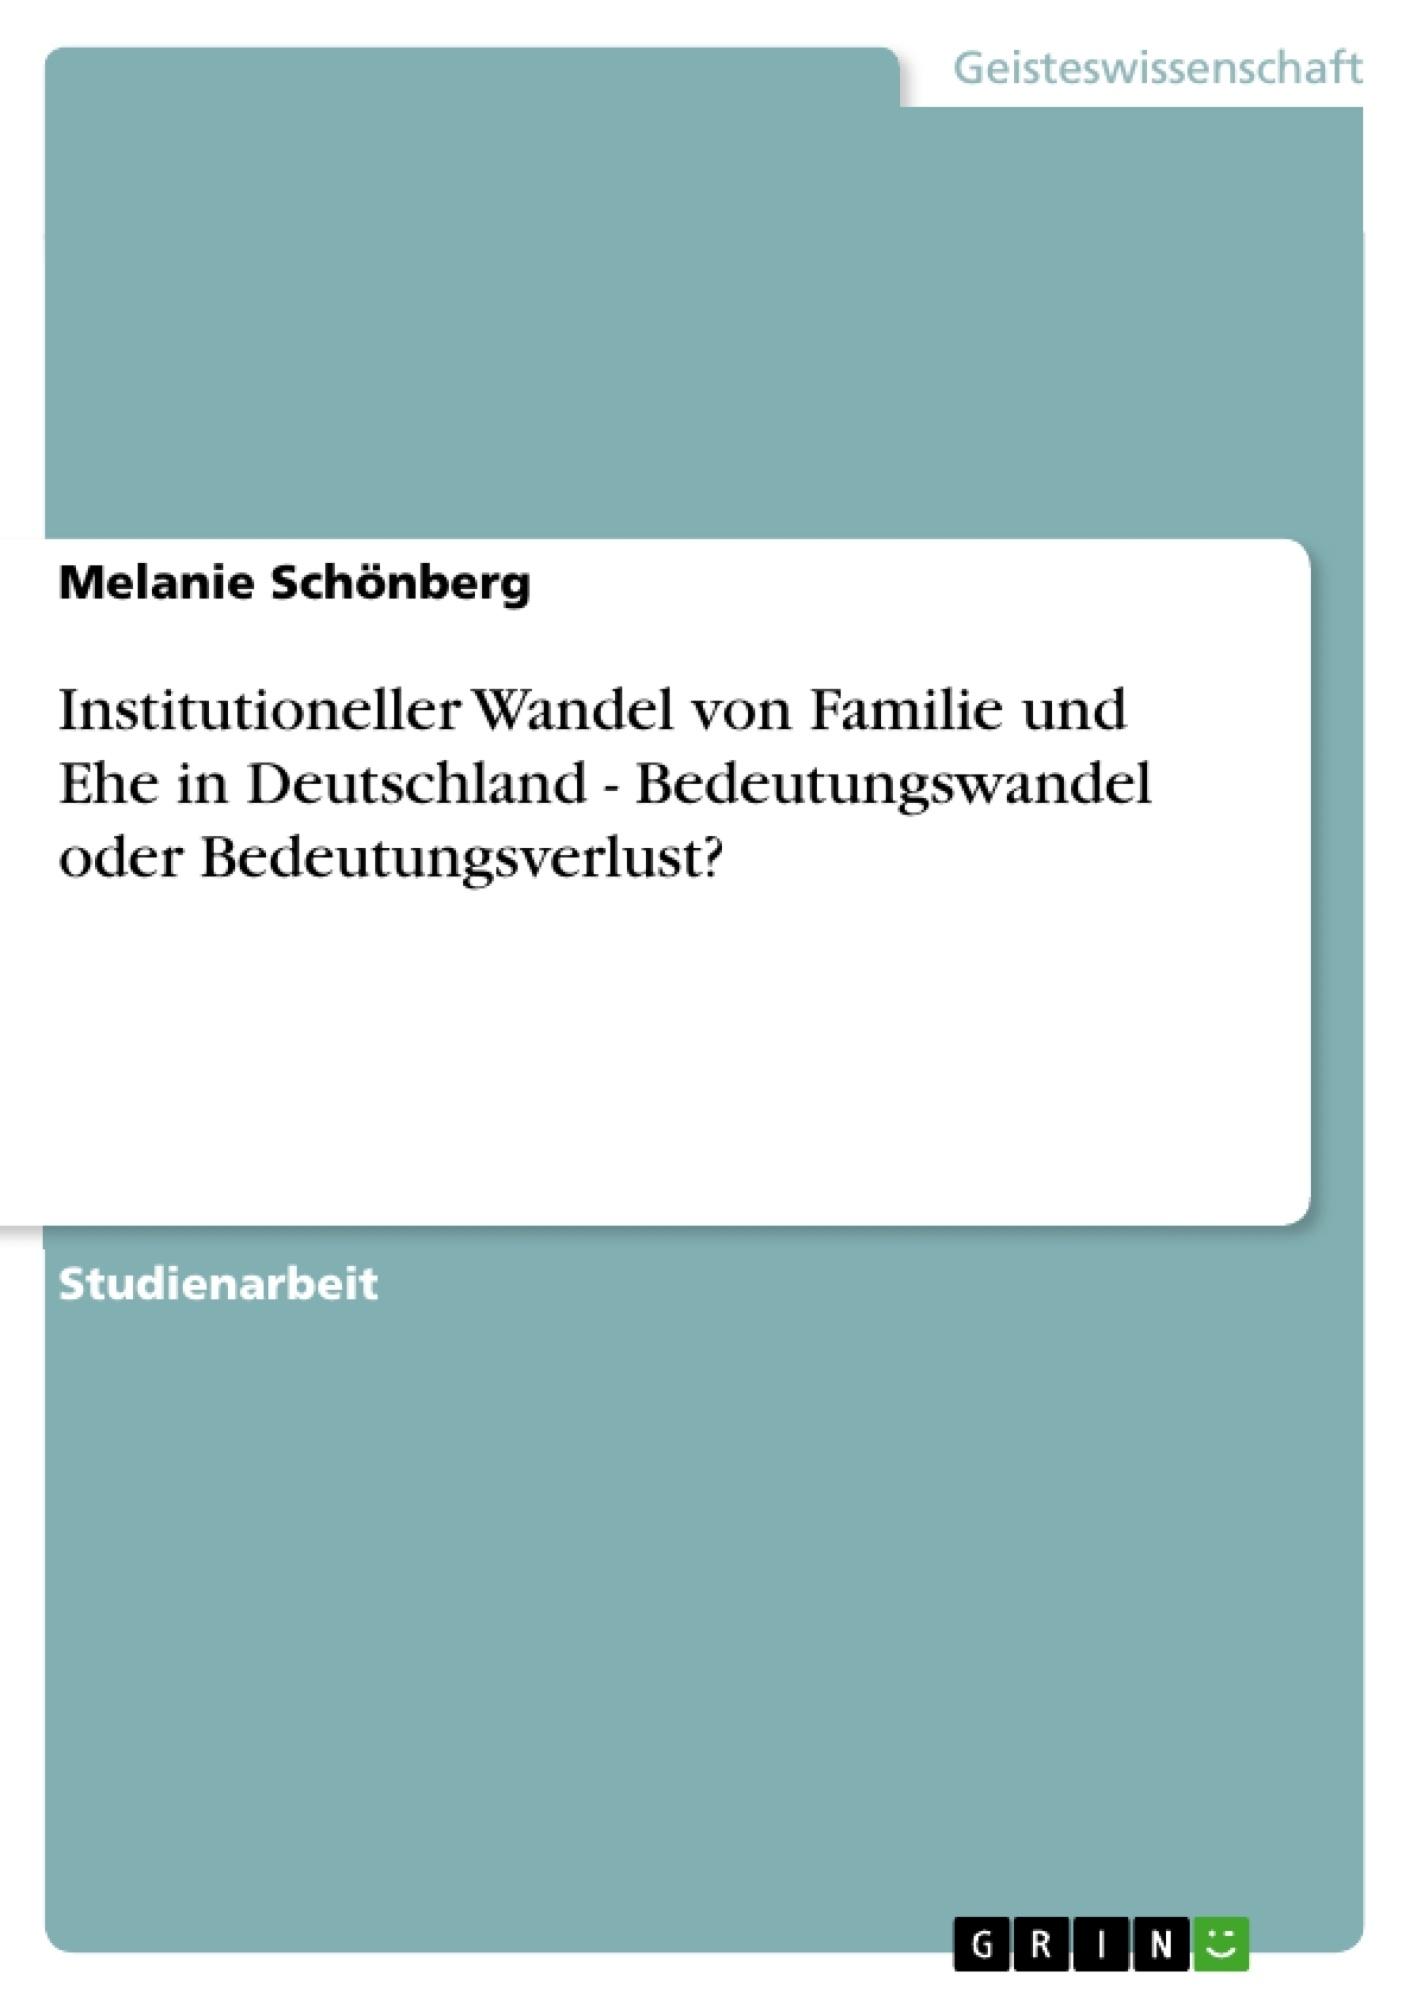 Titel: Institutioneller Wandel von Familie und Ehe in Deutschland - Bedeutungswandel oder Bedeutungsverlust?